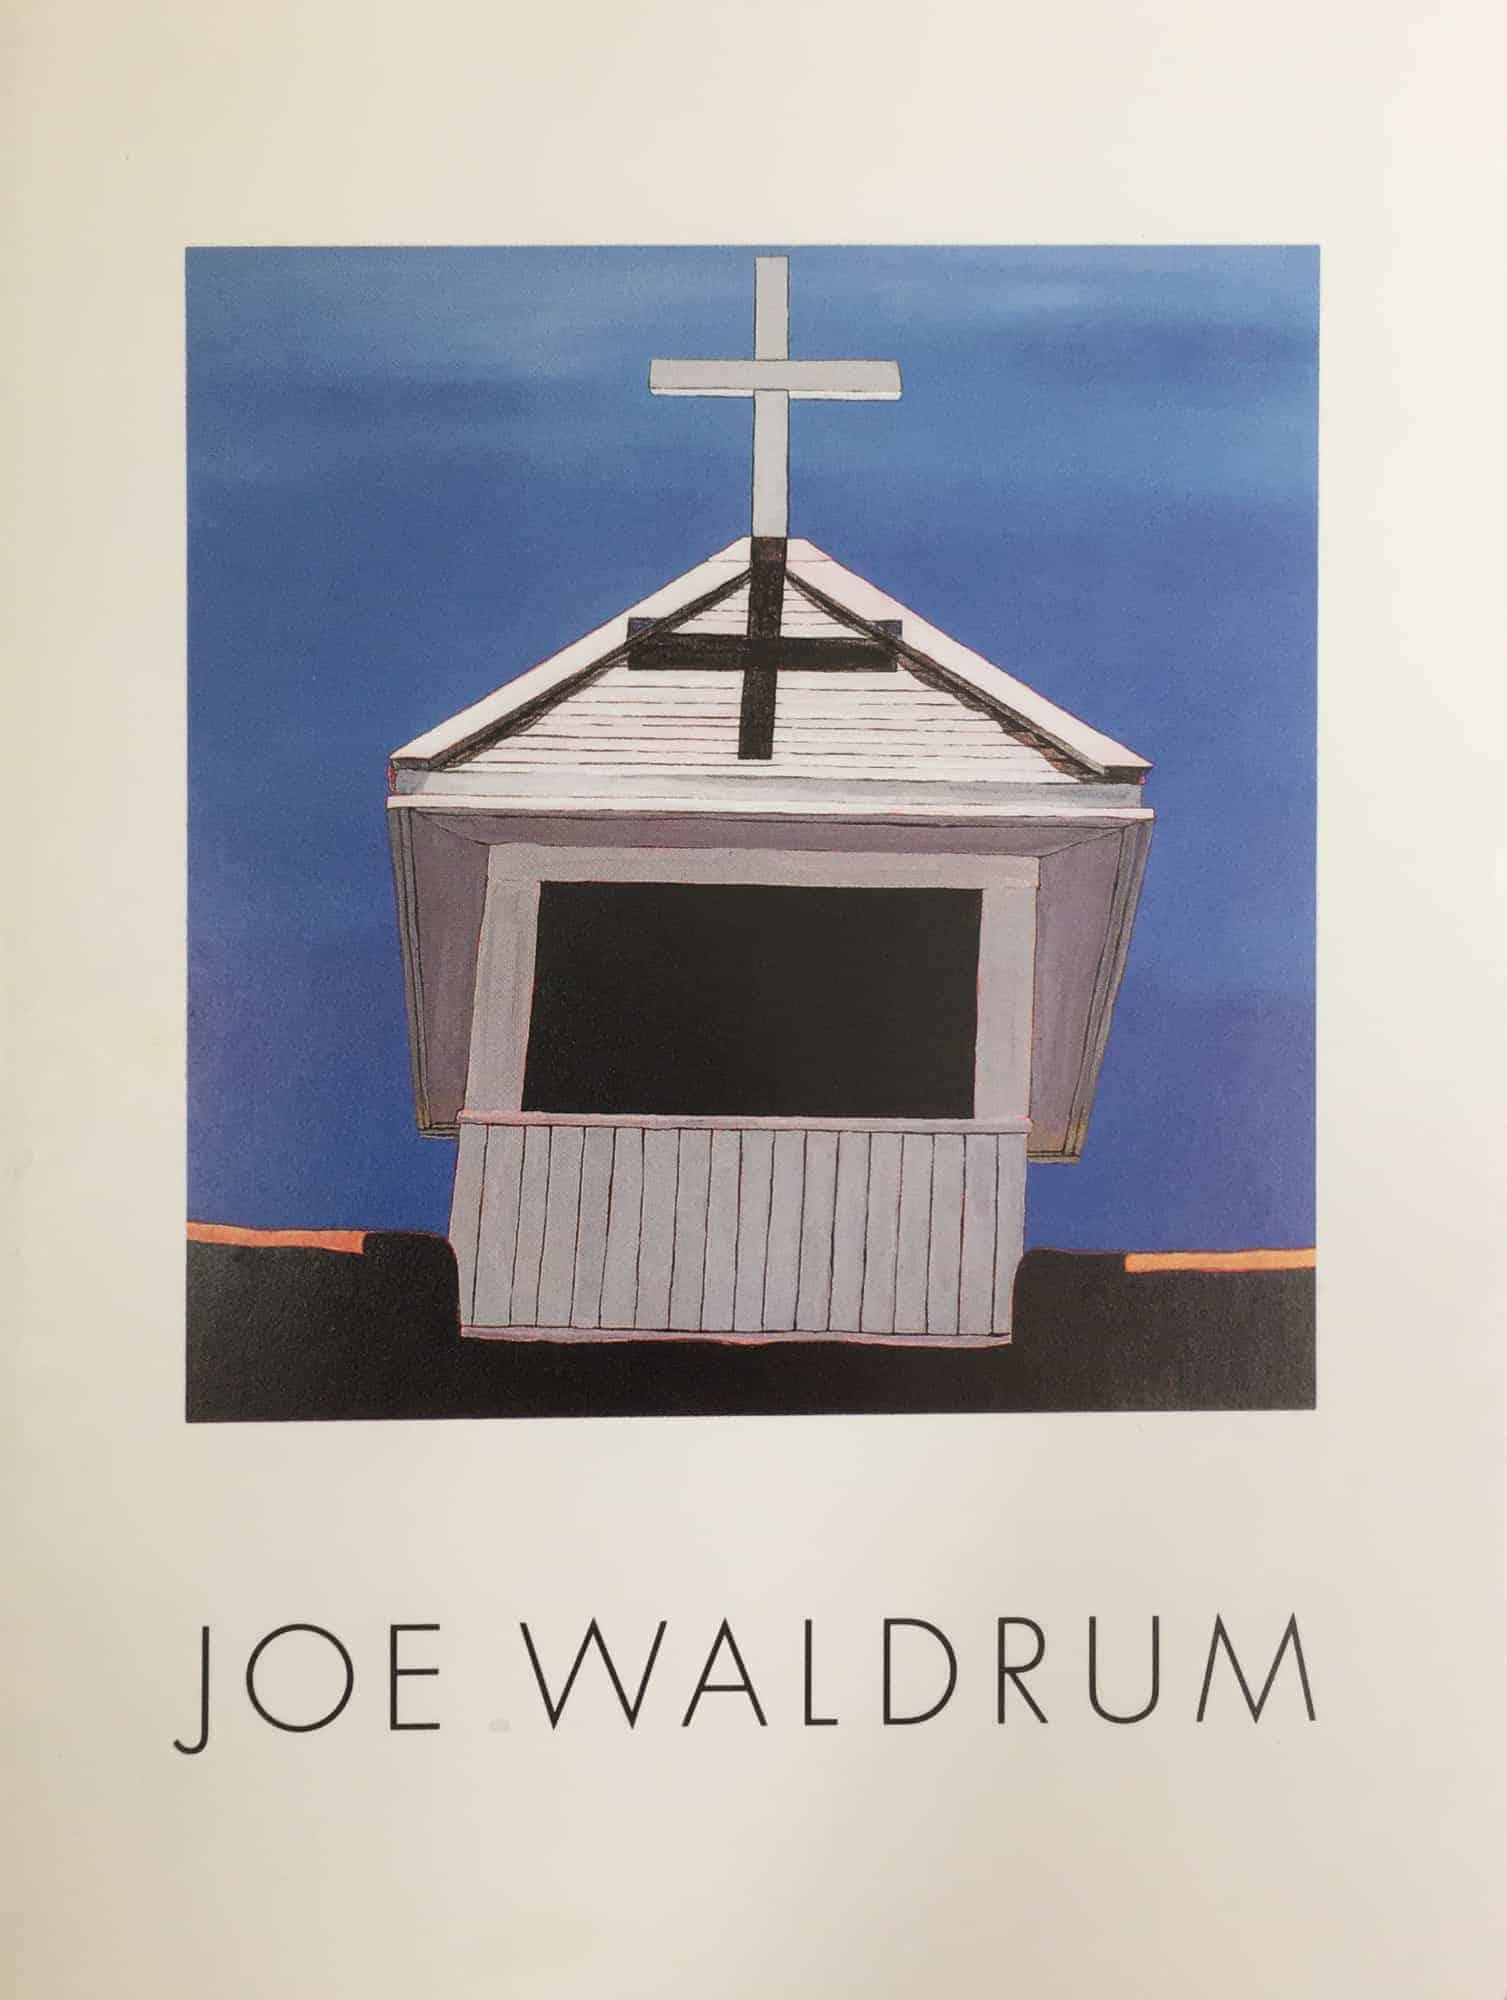 Joe Waldrum at Gerald Peters Gallery